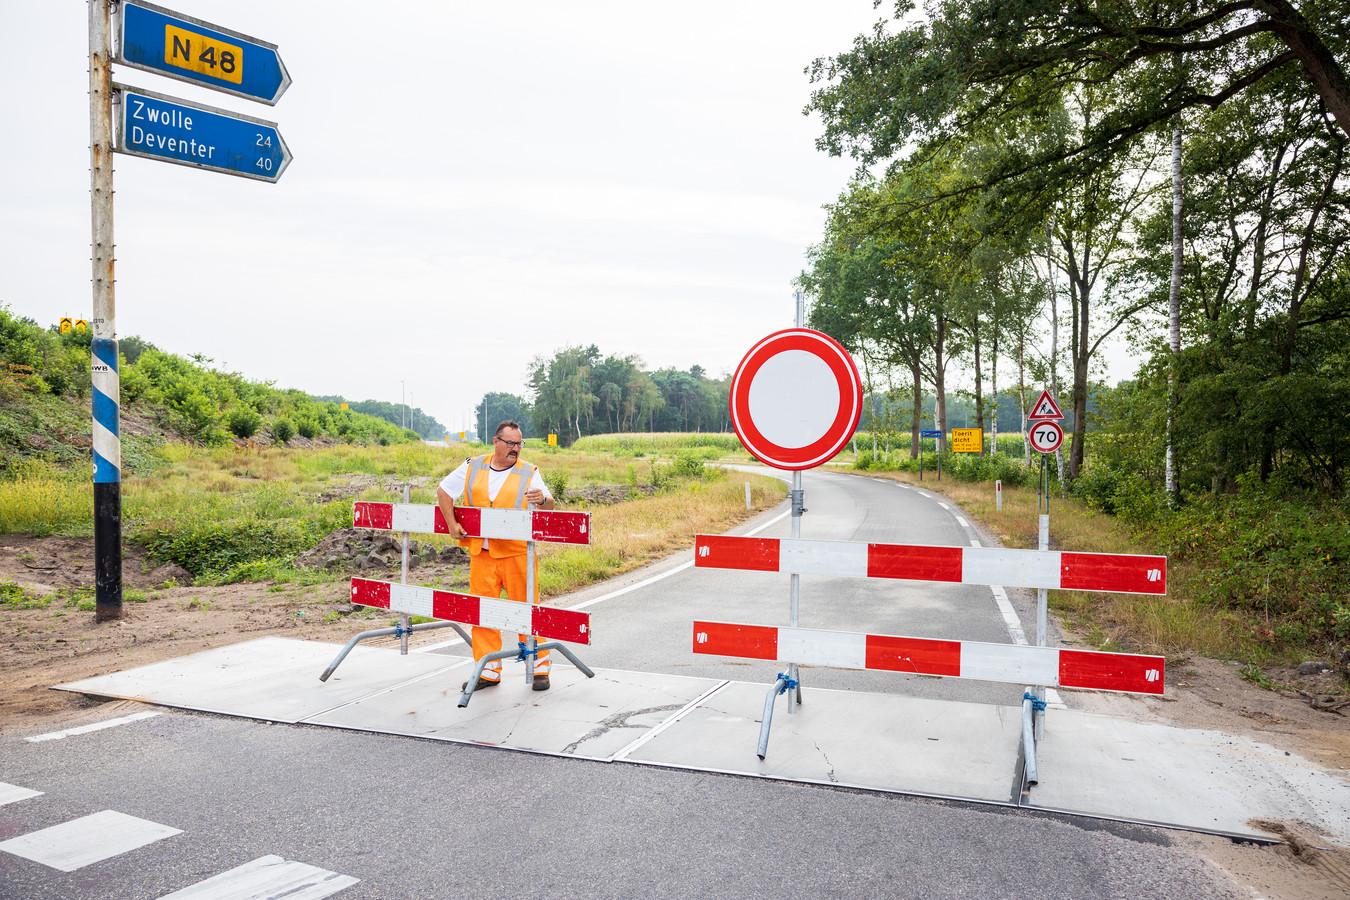 De oprit vanaf de Balkerweg bij Ommen naar de N48 is afgesloten. De wegen worden aangepakt, onder meer met de aanleg van twee rotondes.